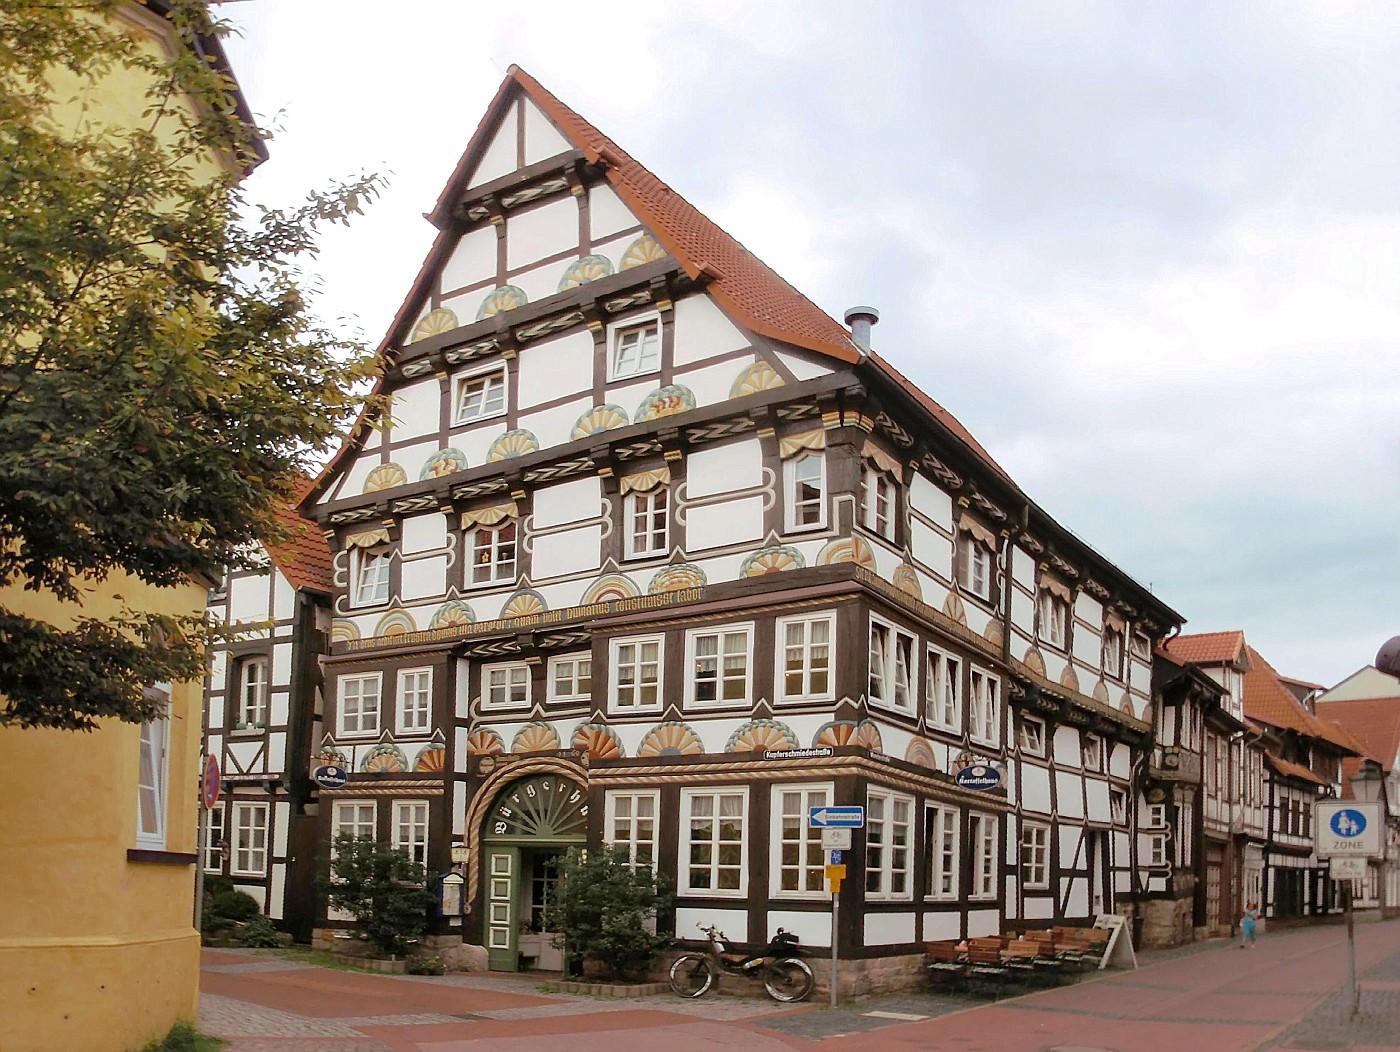 Bürgerhus, Kupferschmiedestraße